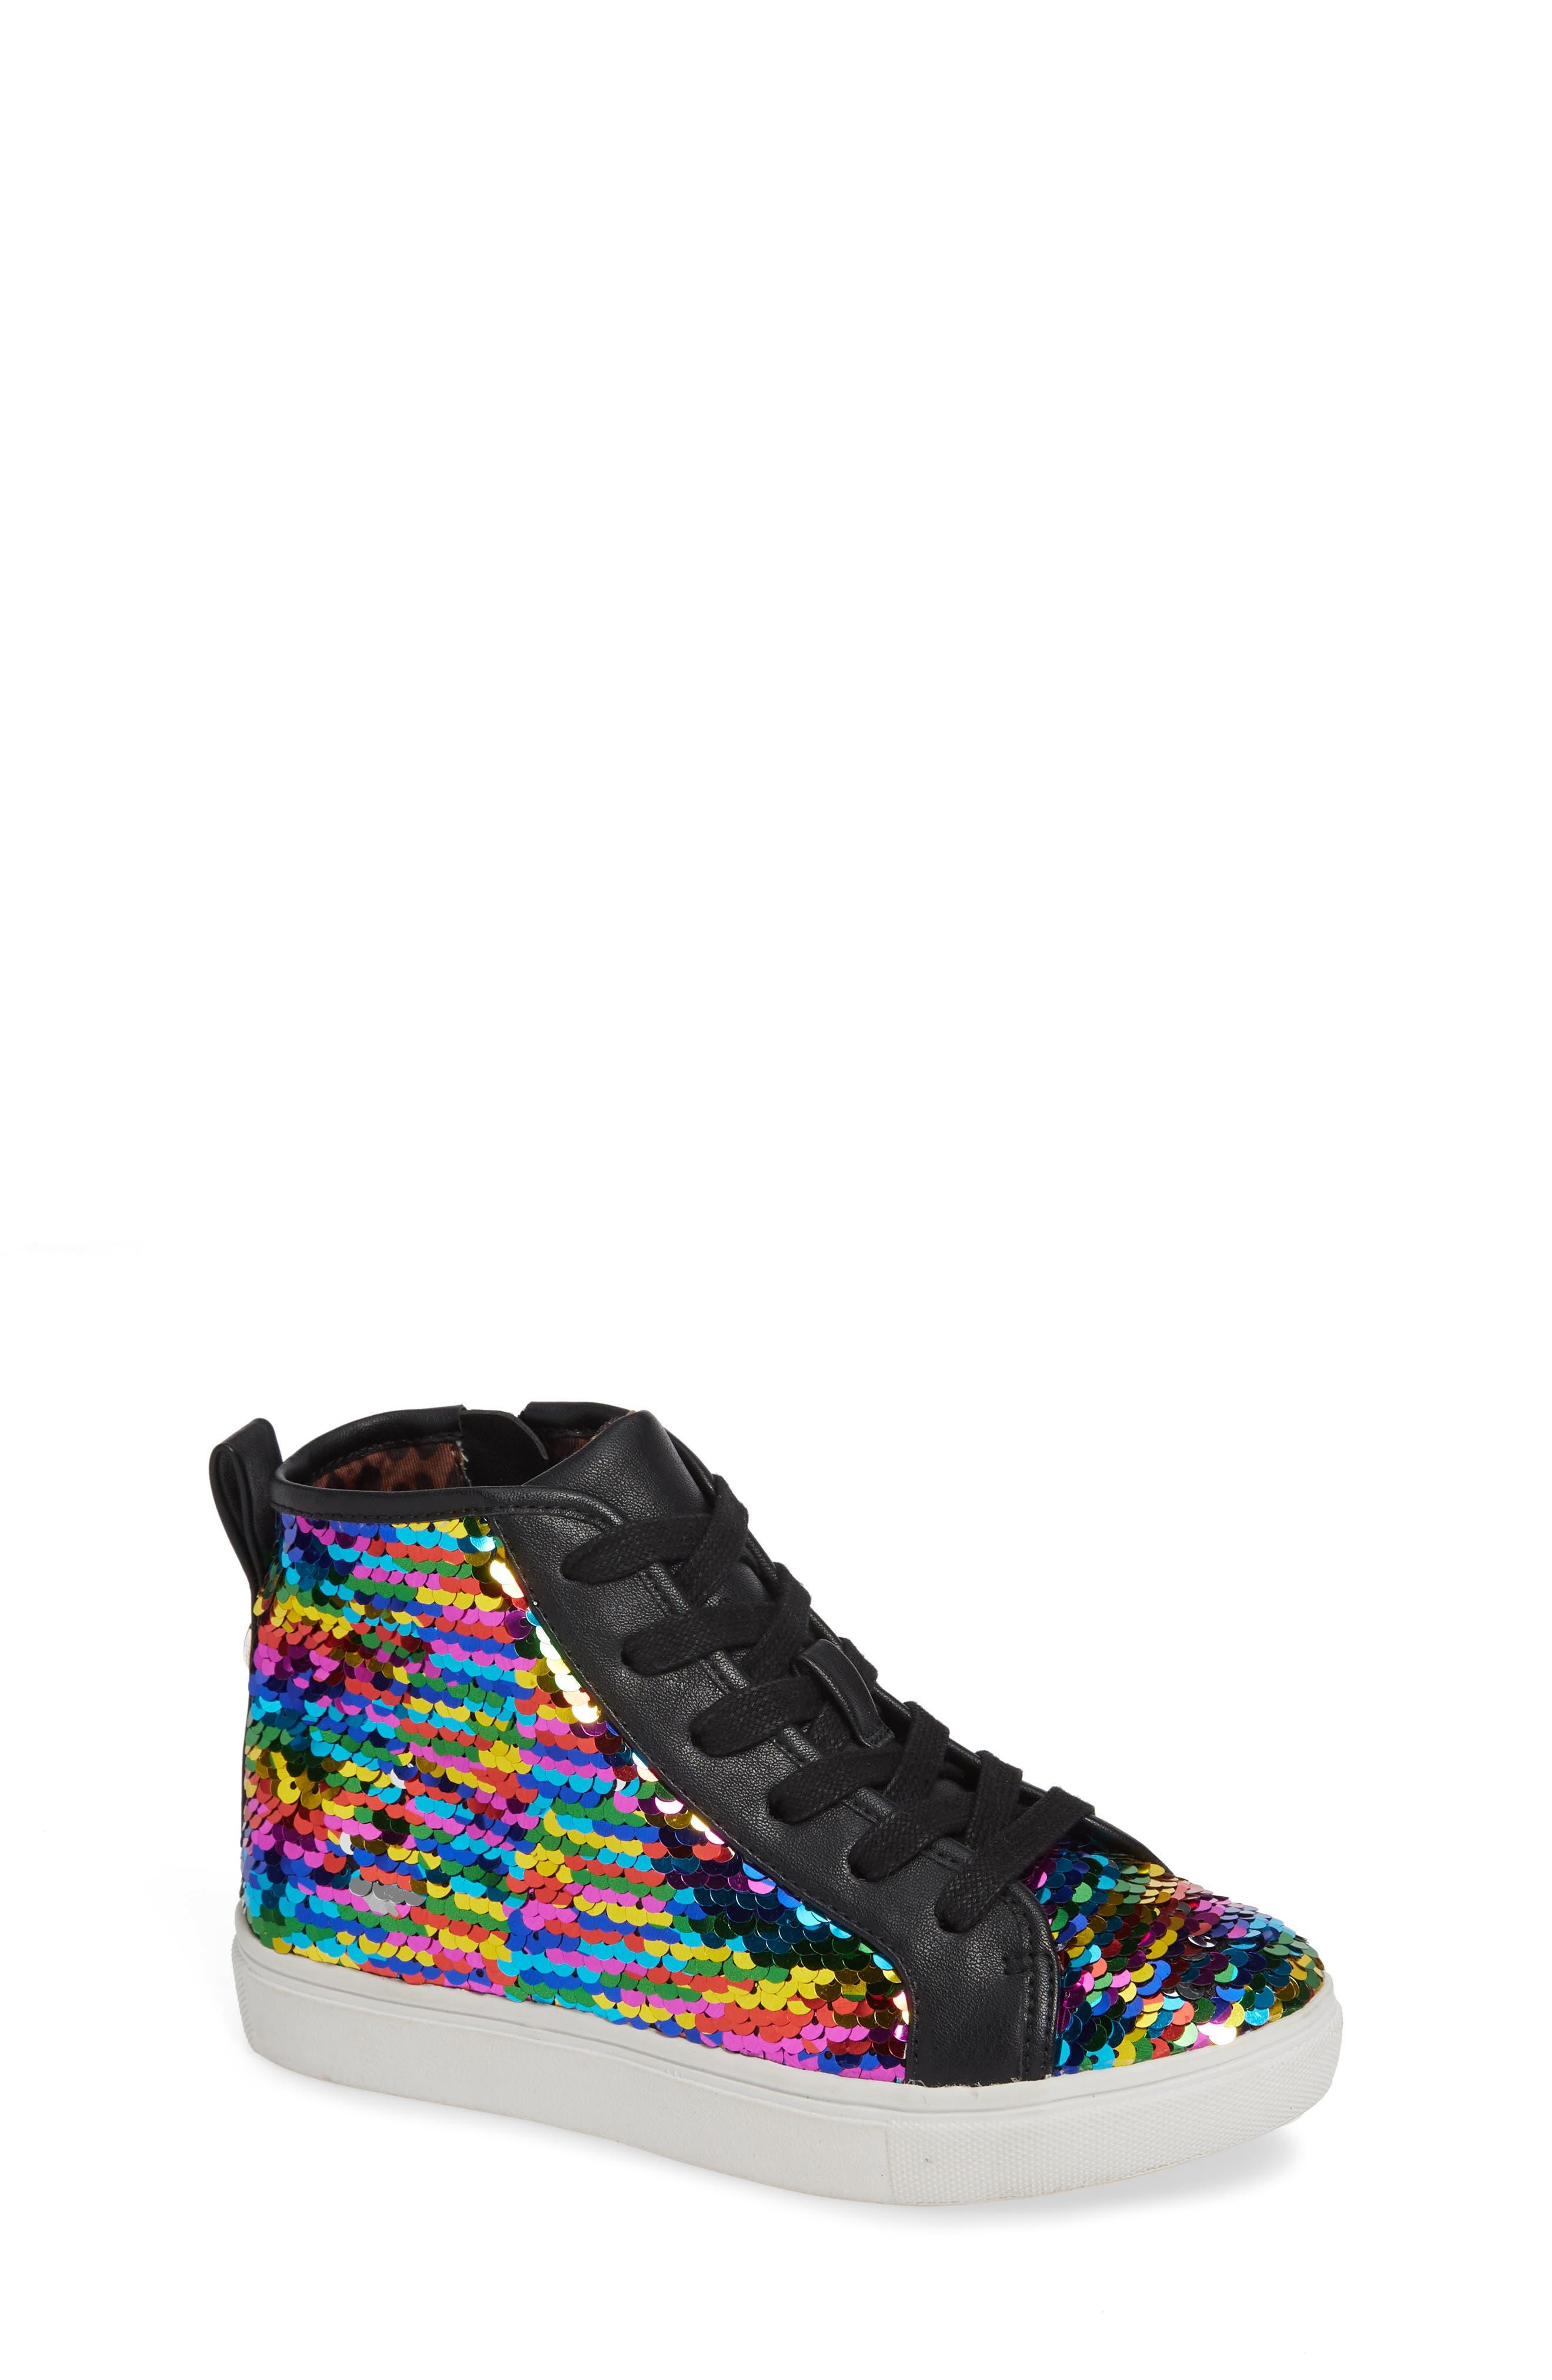 STEVE MADDEN, JSEEKER Sneaker, Main thumbnail 1, color, MULTI